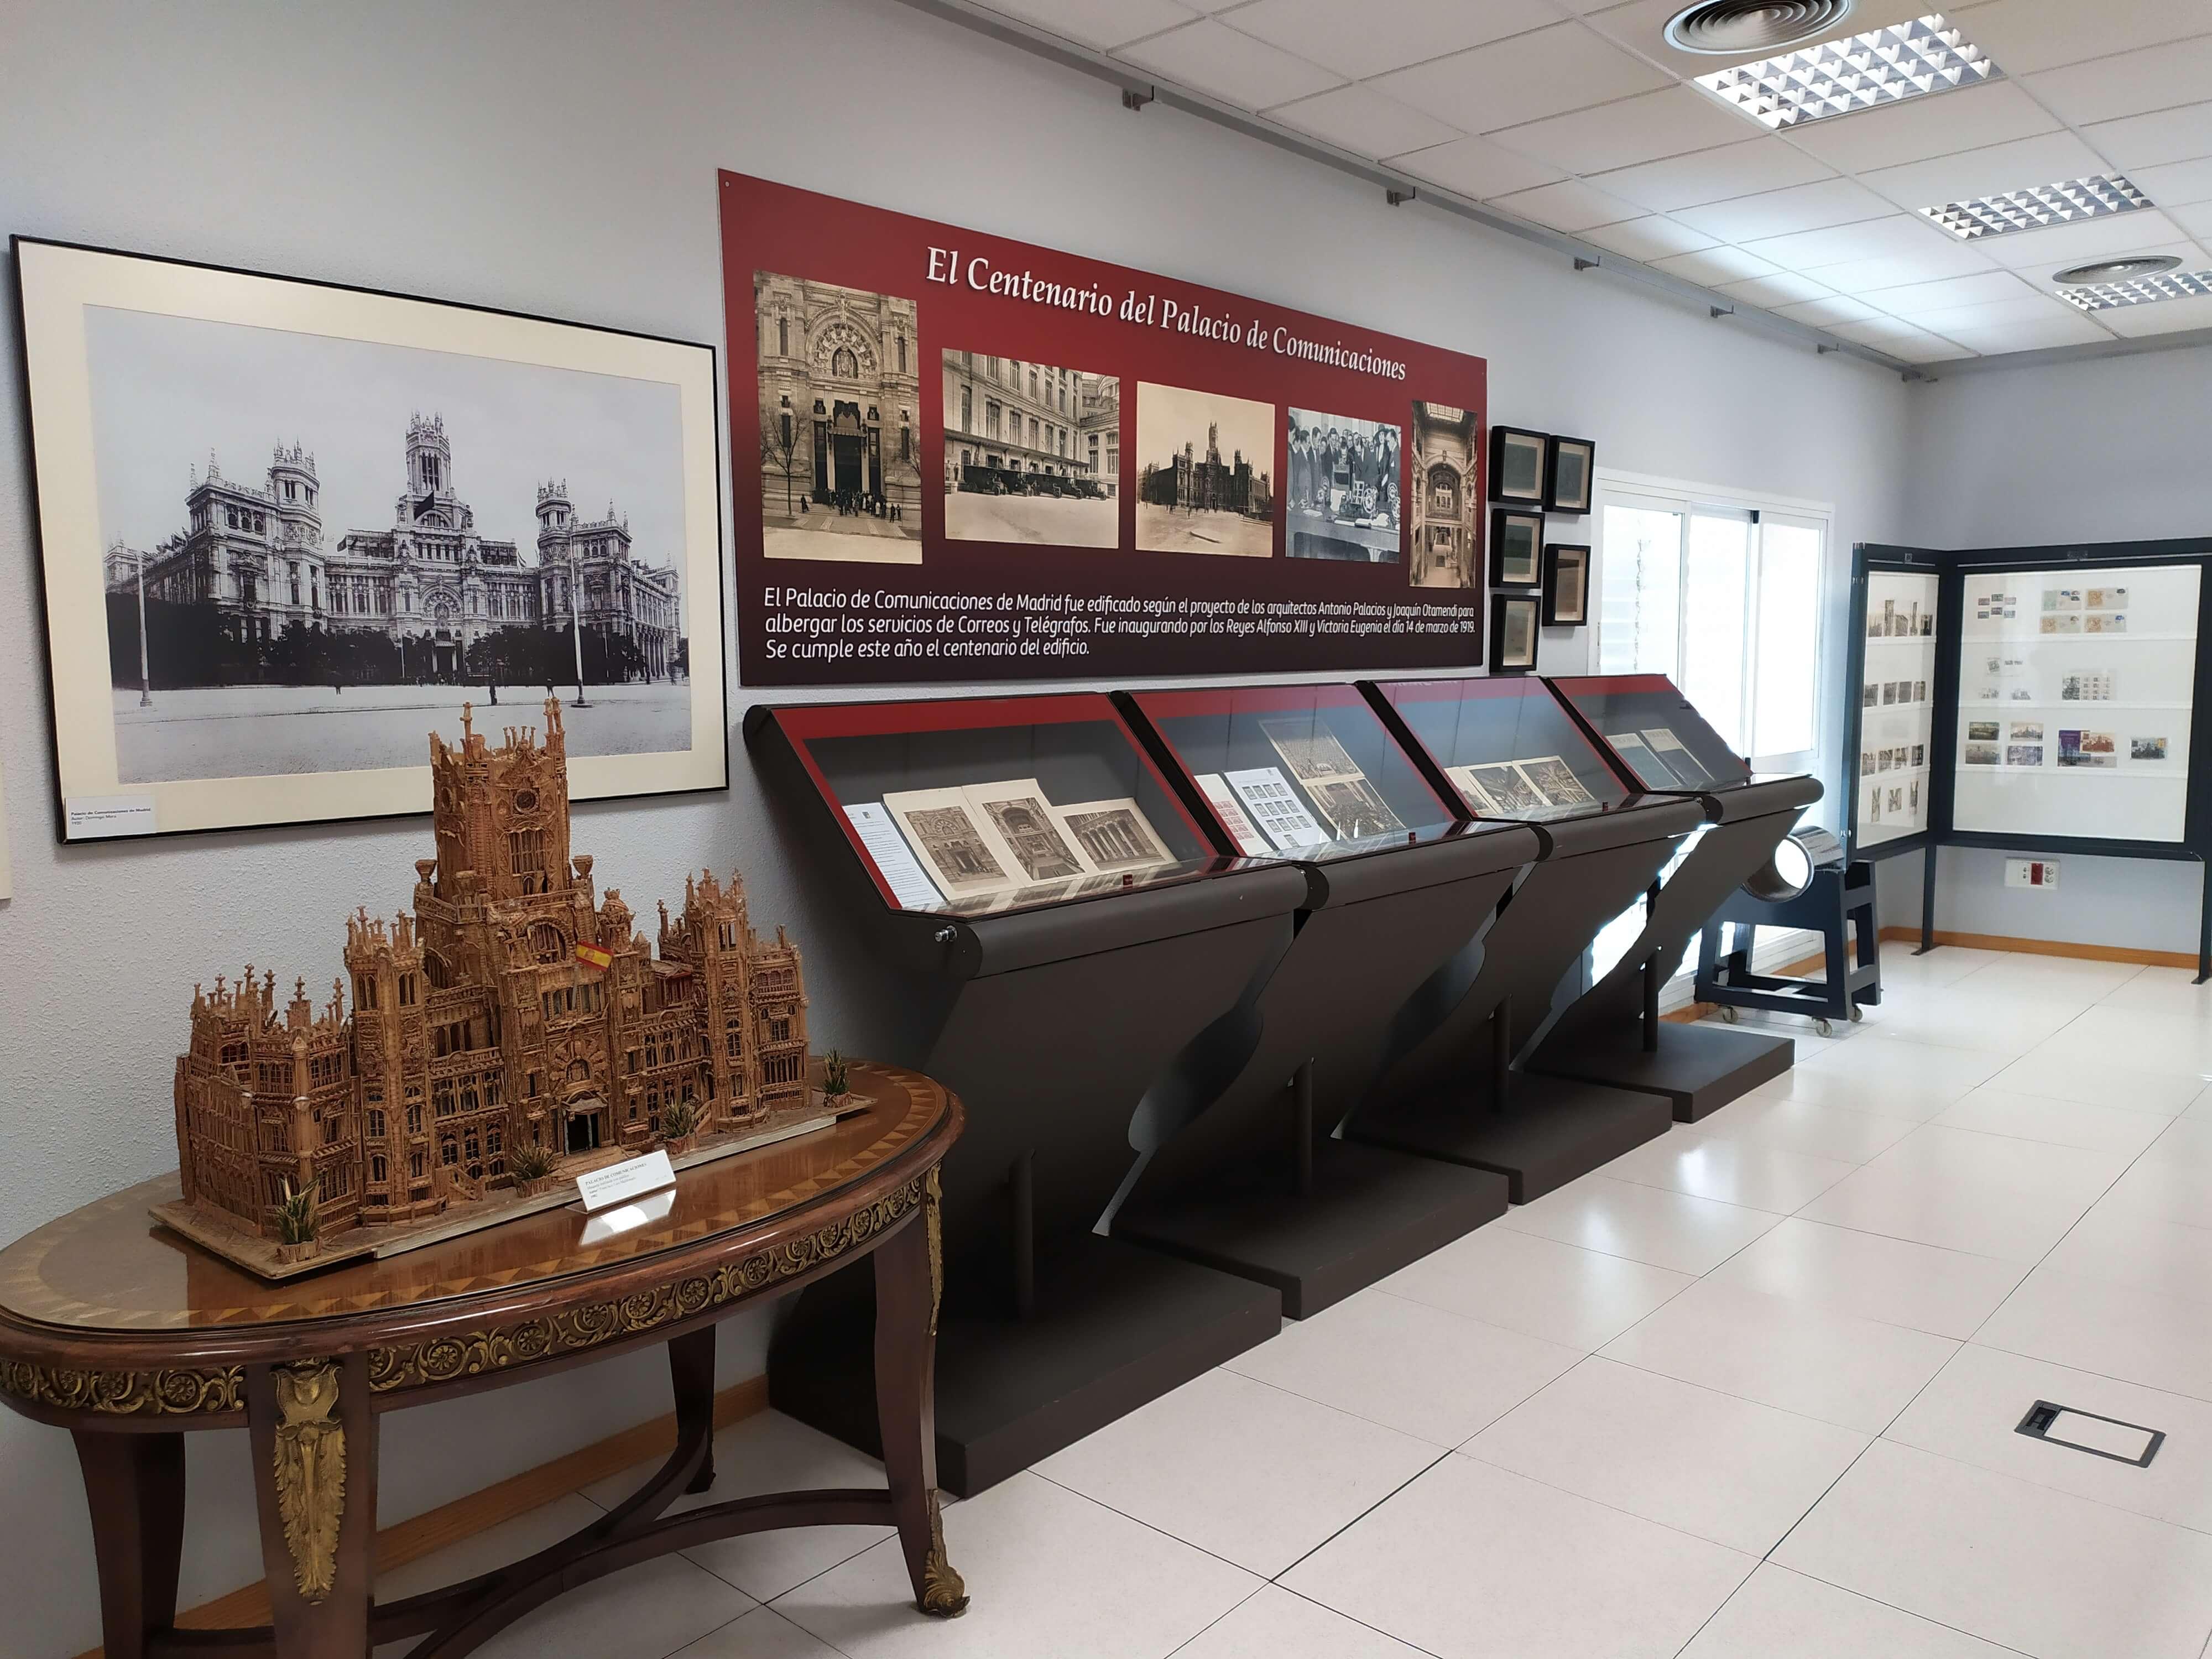 Inauguramos la exposición del Centenario del Palacio de Comunicaciones